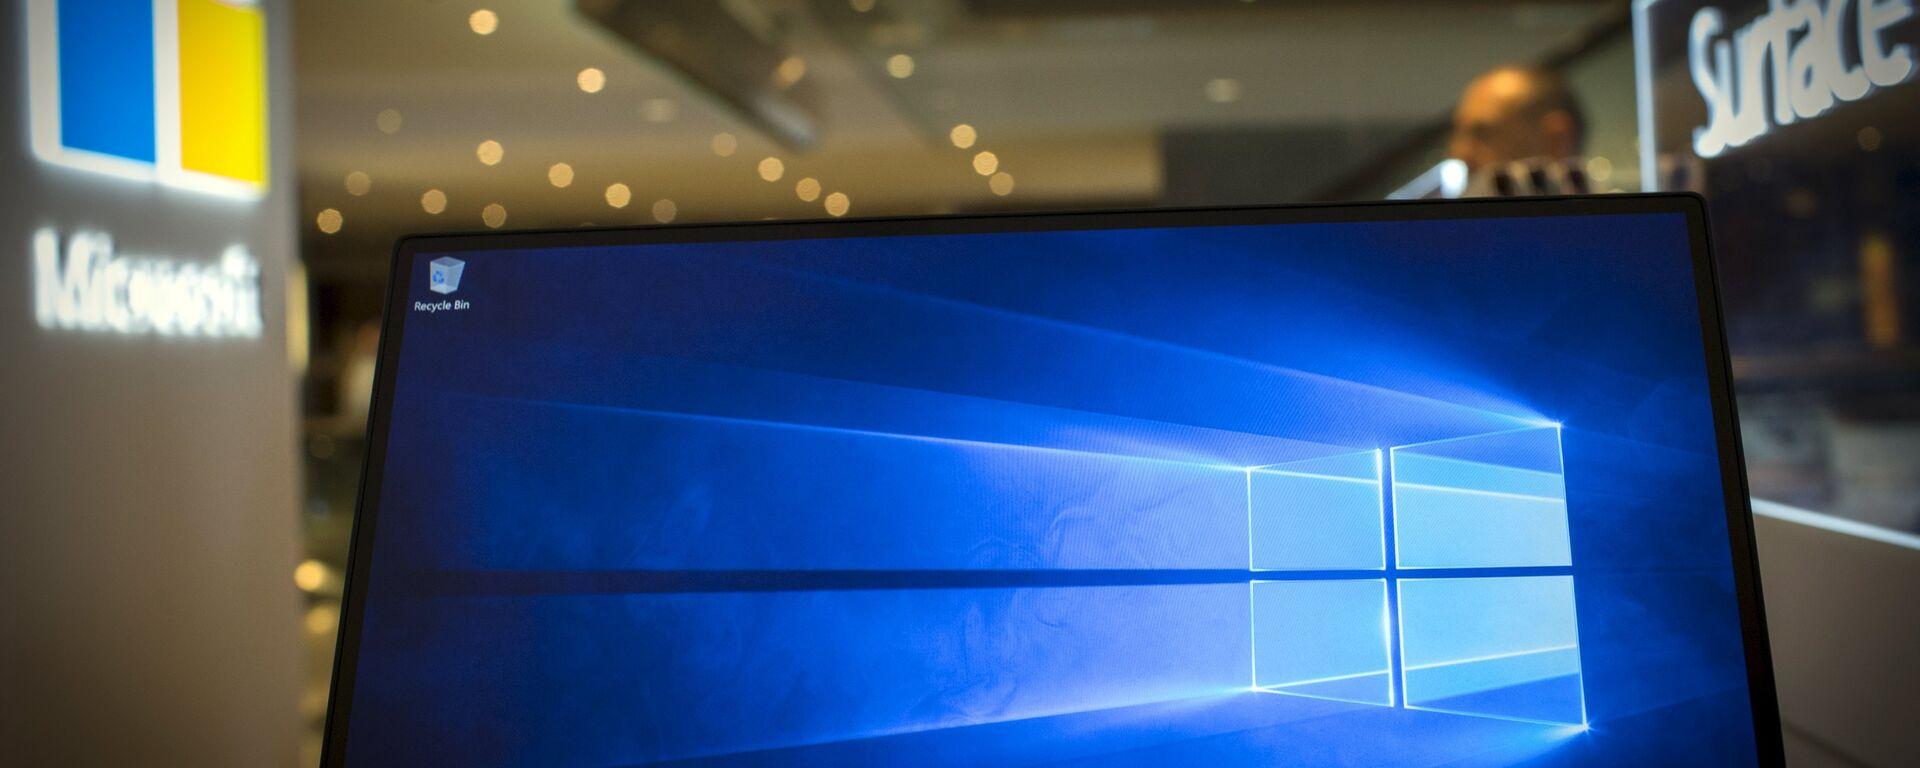 Microsoft Windows 10 - Sputnik Česká republika, 1920, 05.07.2021